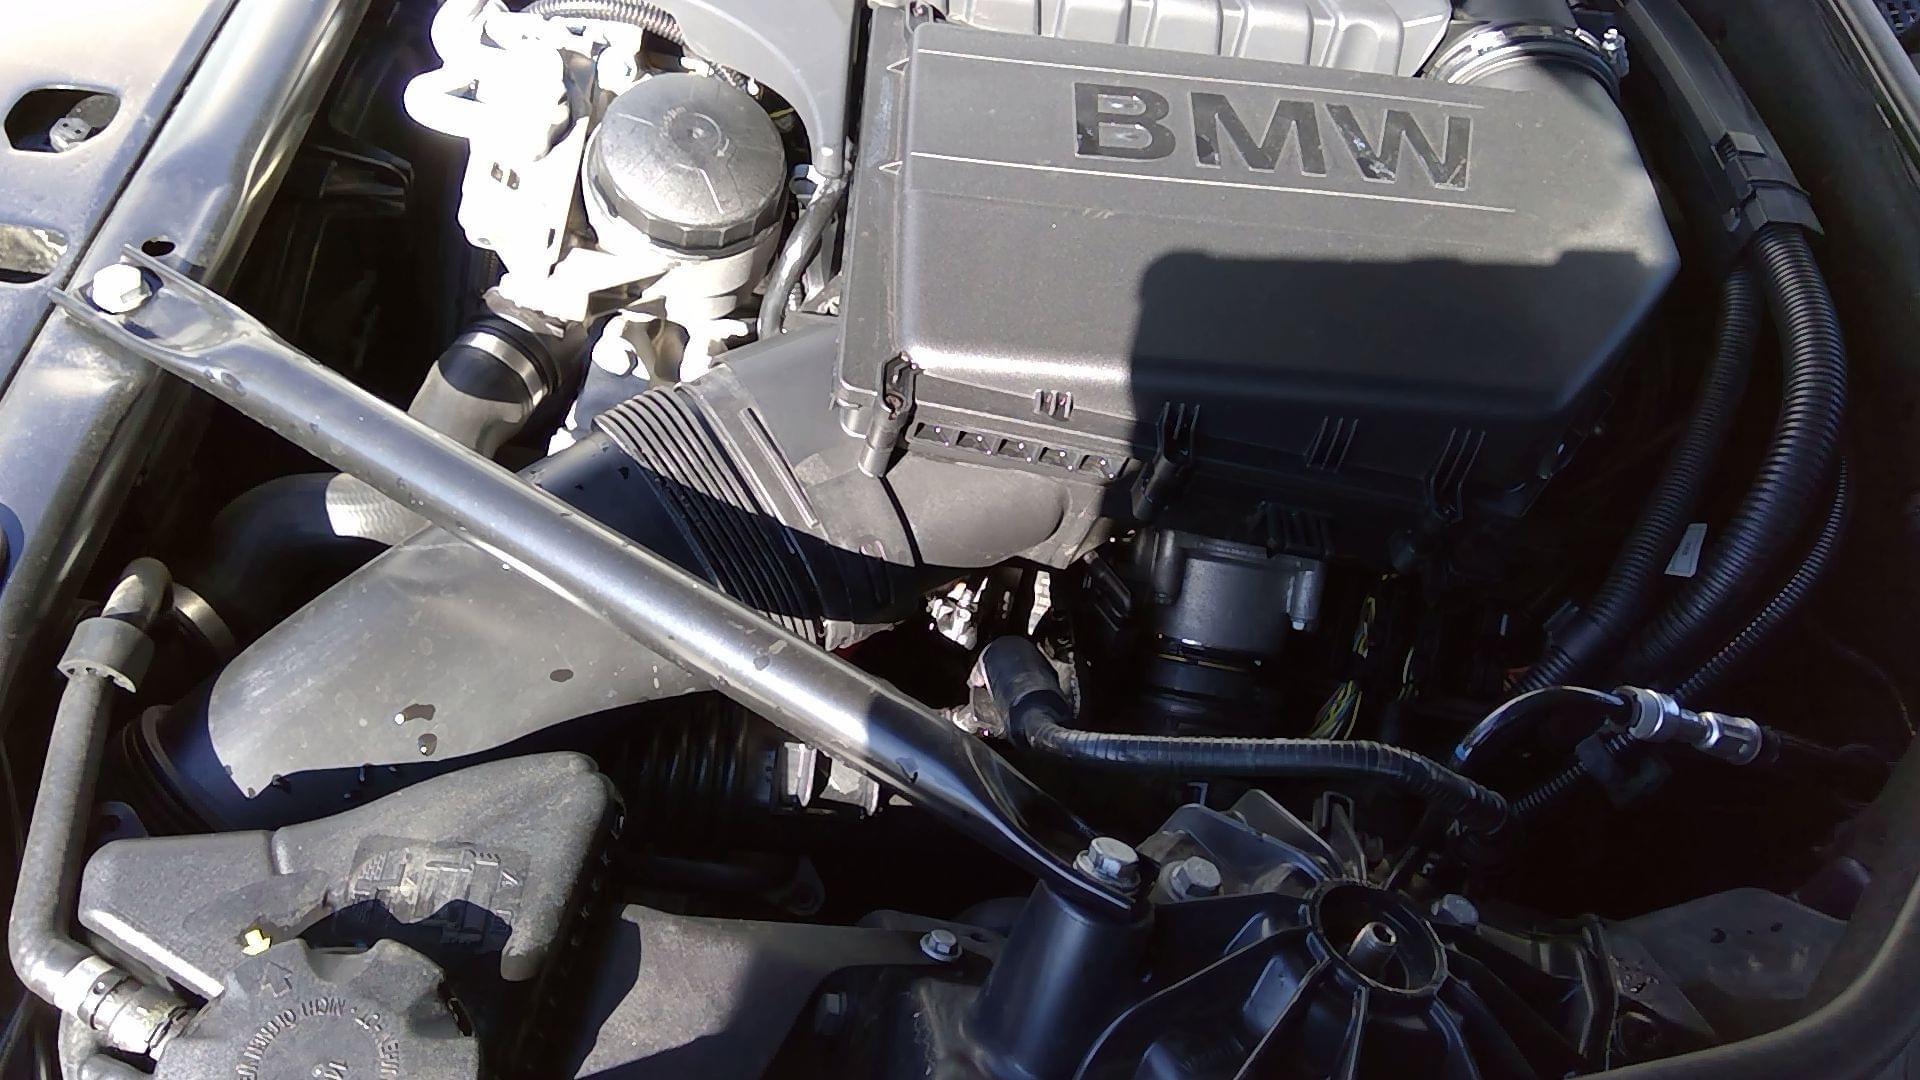 2FA375DC-B3AB-4F3C-9CBB-A8AA18368A0D.JPG